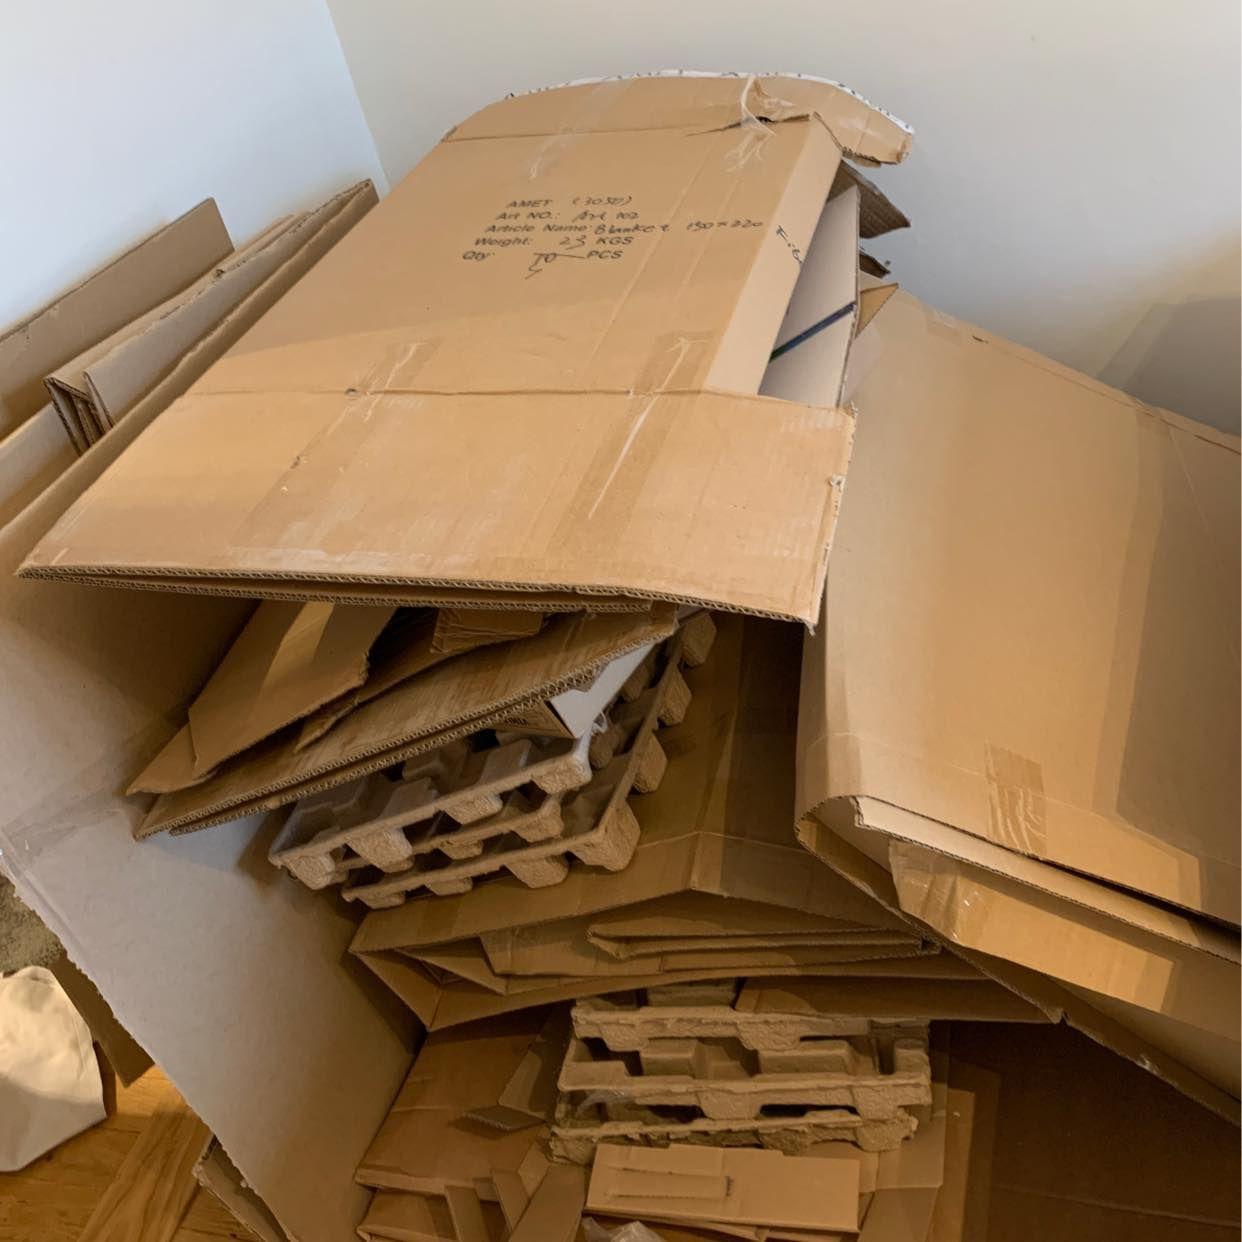 image of Emballage och kartonger - Stockholm